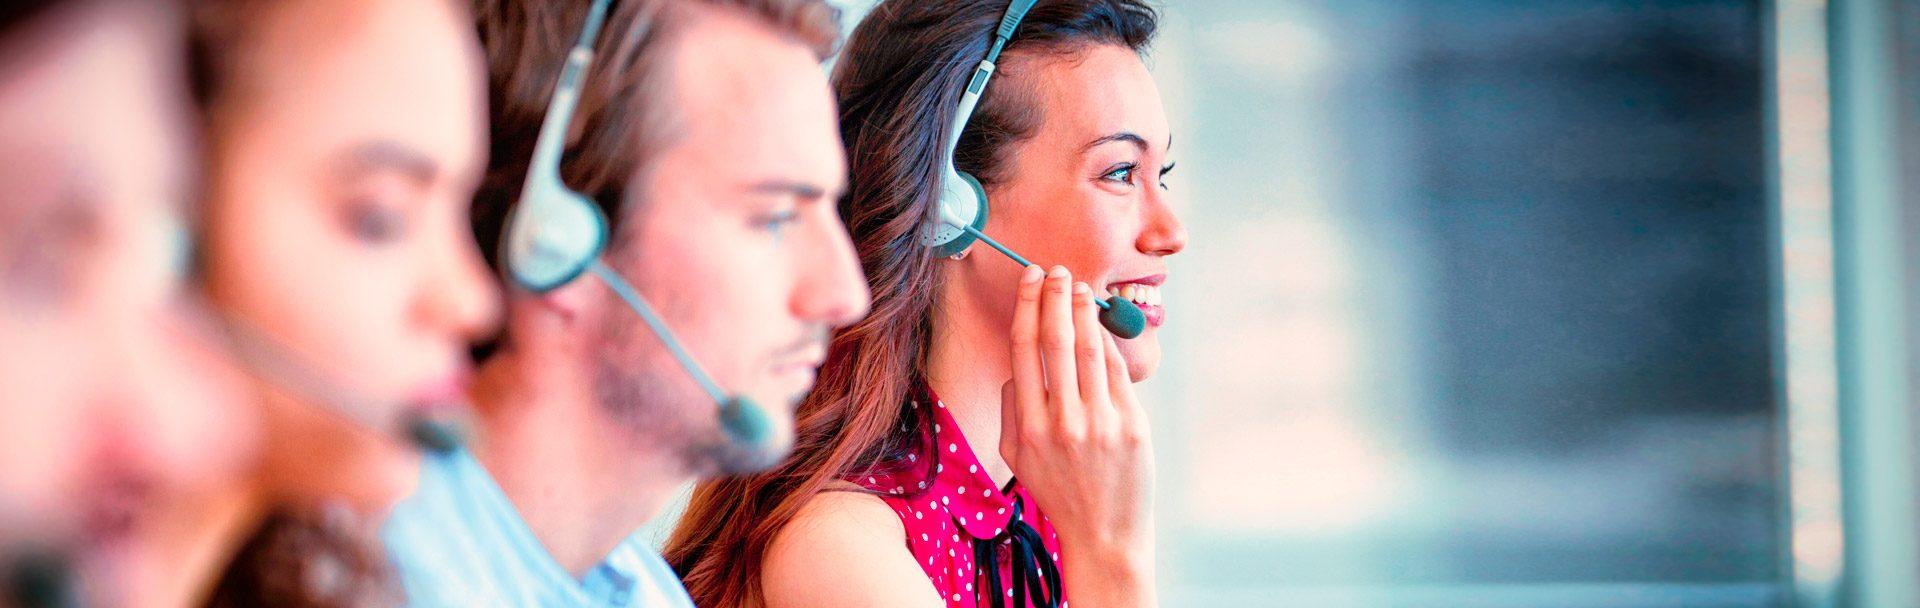 In 4 stappen naar goede datakwaliteit voor tevreden klanten en medewerkers - Hot ITem